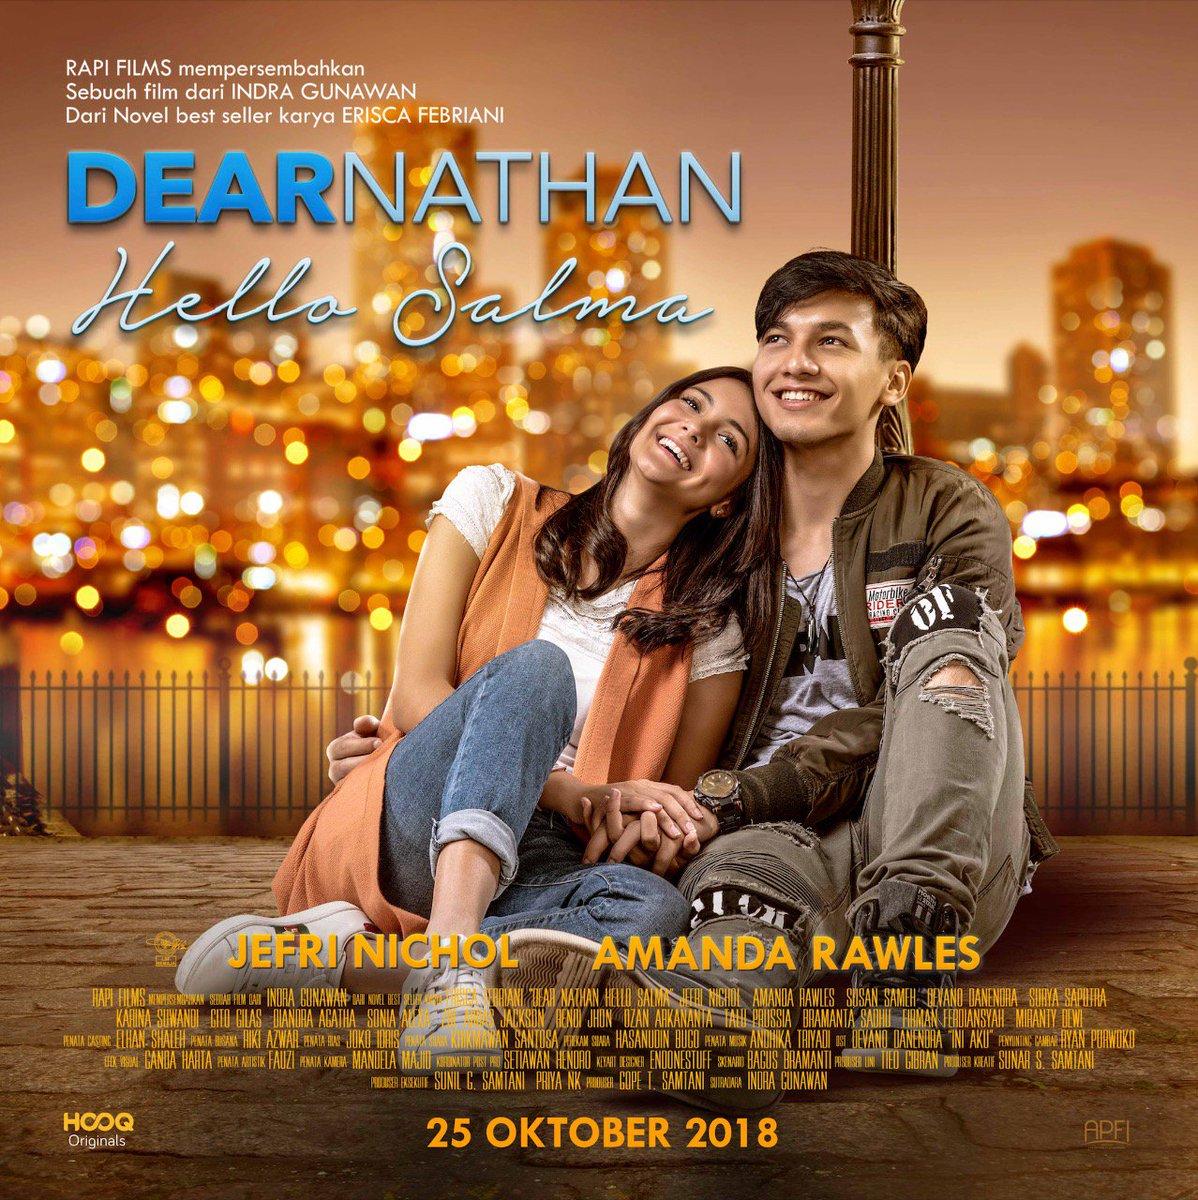 Download Dj Akimilaku 2018 Terbaru: Download Film Indonesia Gratis